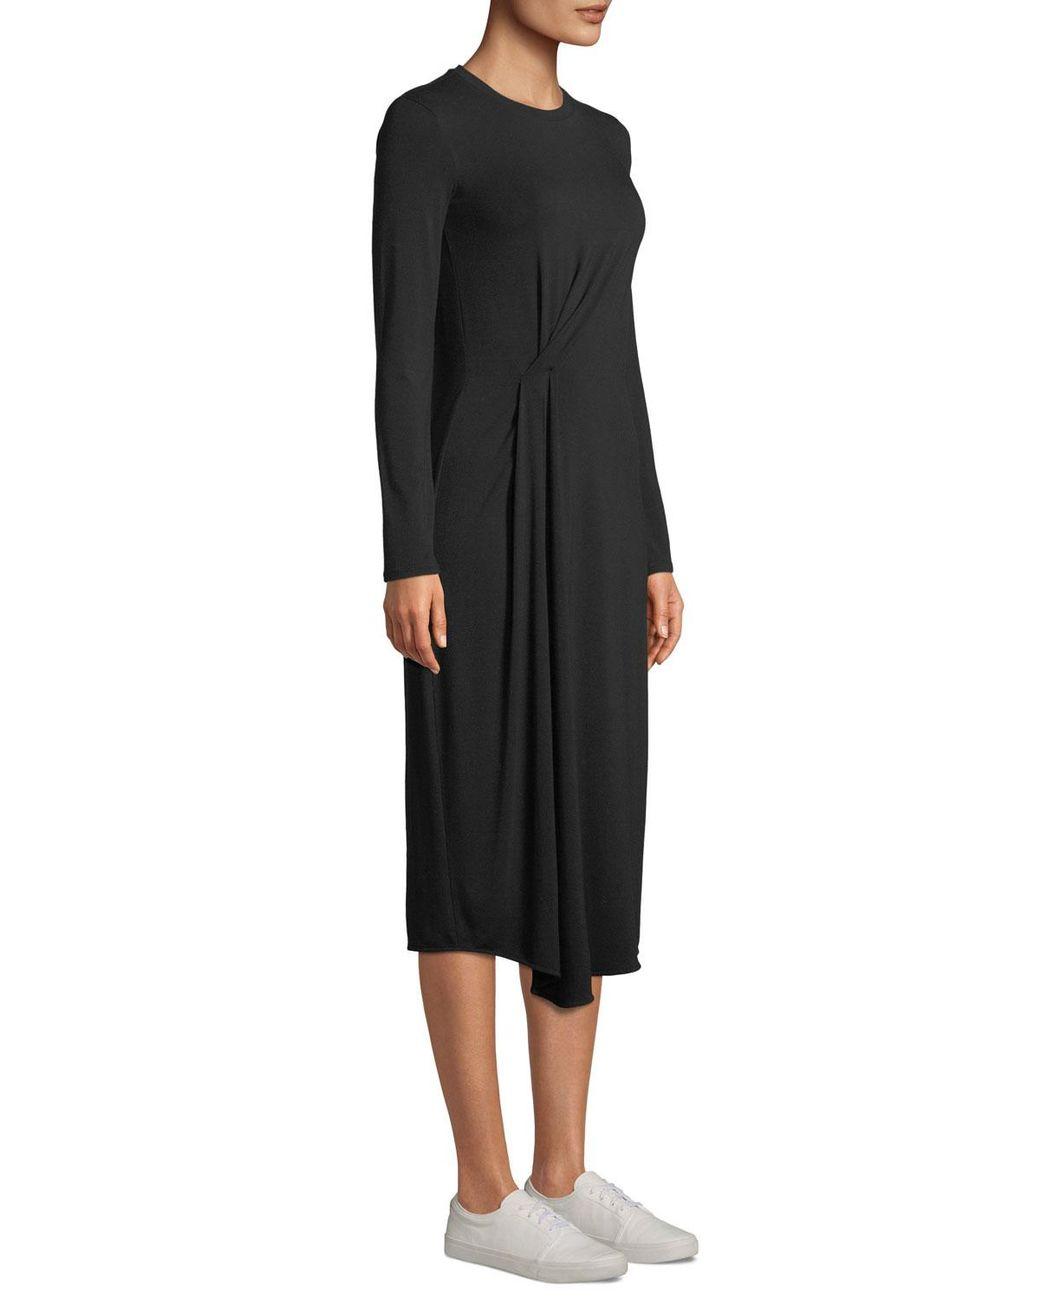 15716f8cde3d Vince Long-sleeve Side-drape Jersey Midi Dress in Black - Save 38% - Lyst